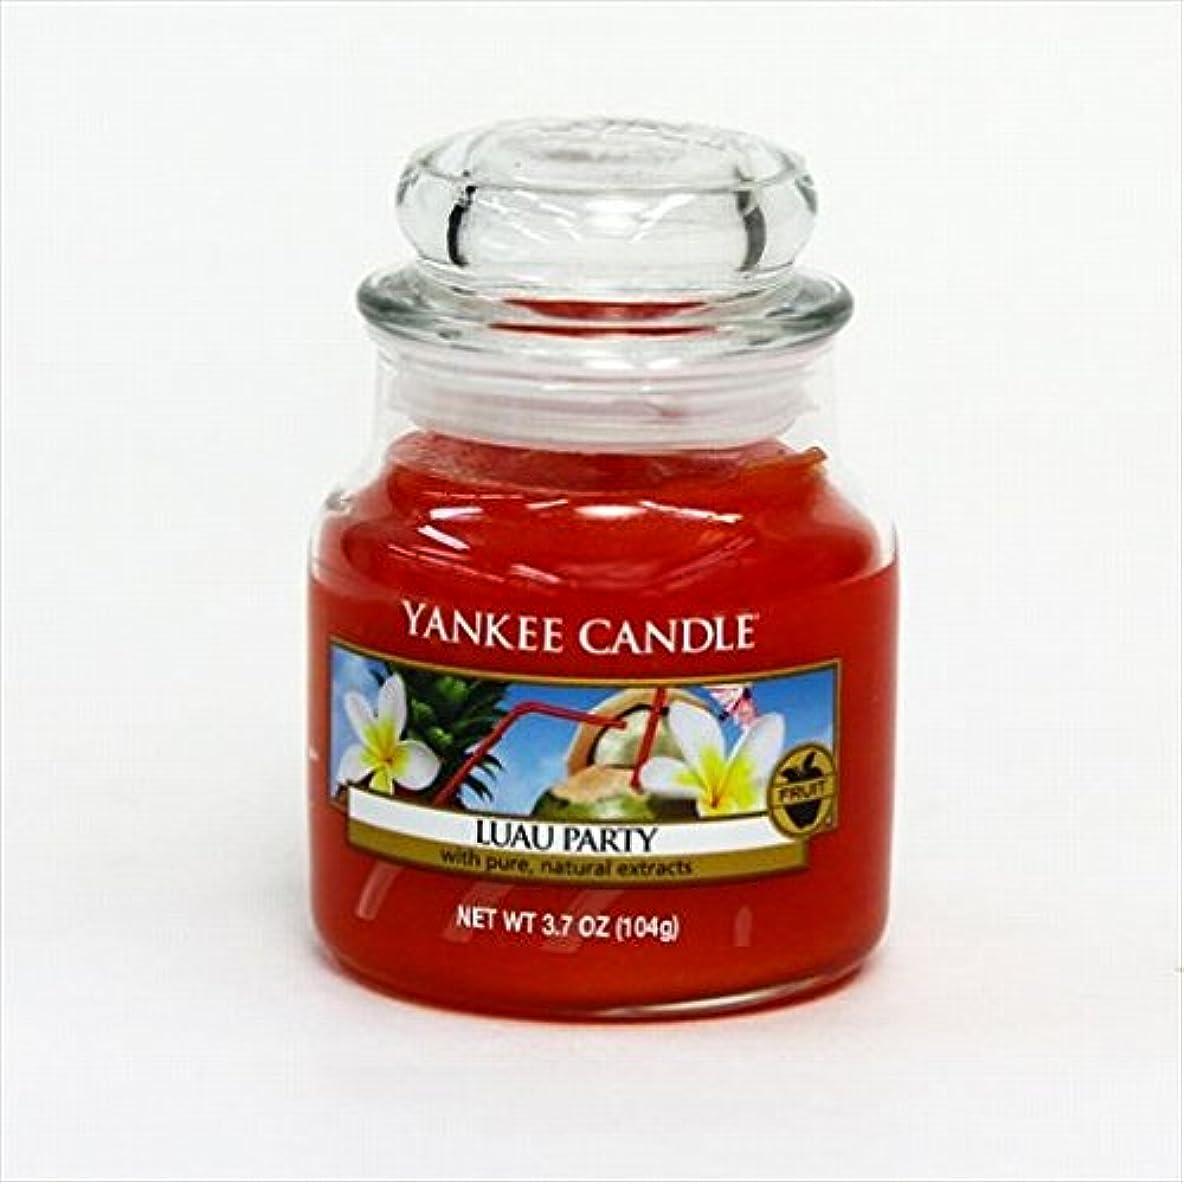 センチメートル洗練忘れられないカメヤマキャンドル(kameyama candle) YANKEE CANDLE ジャーS 「 ルーアウパーティ 」